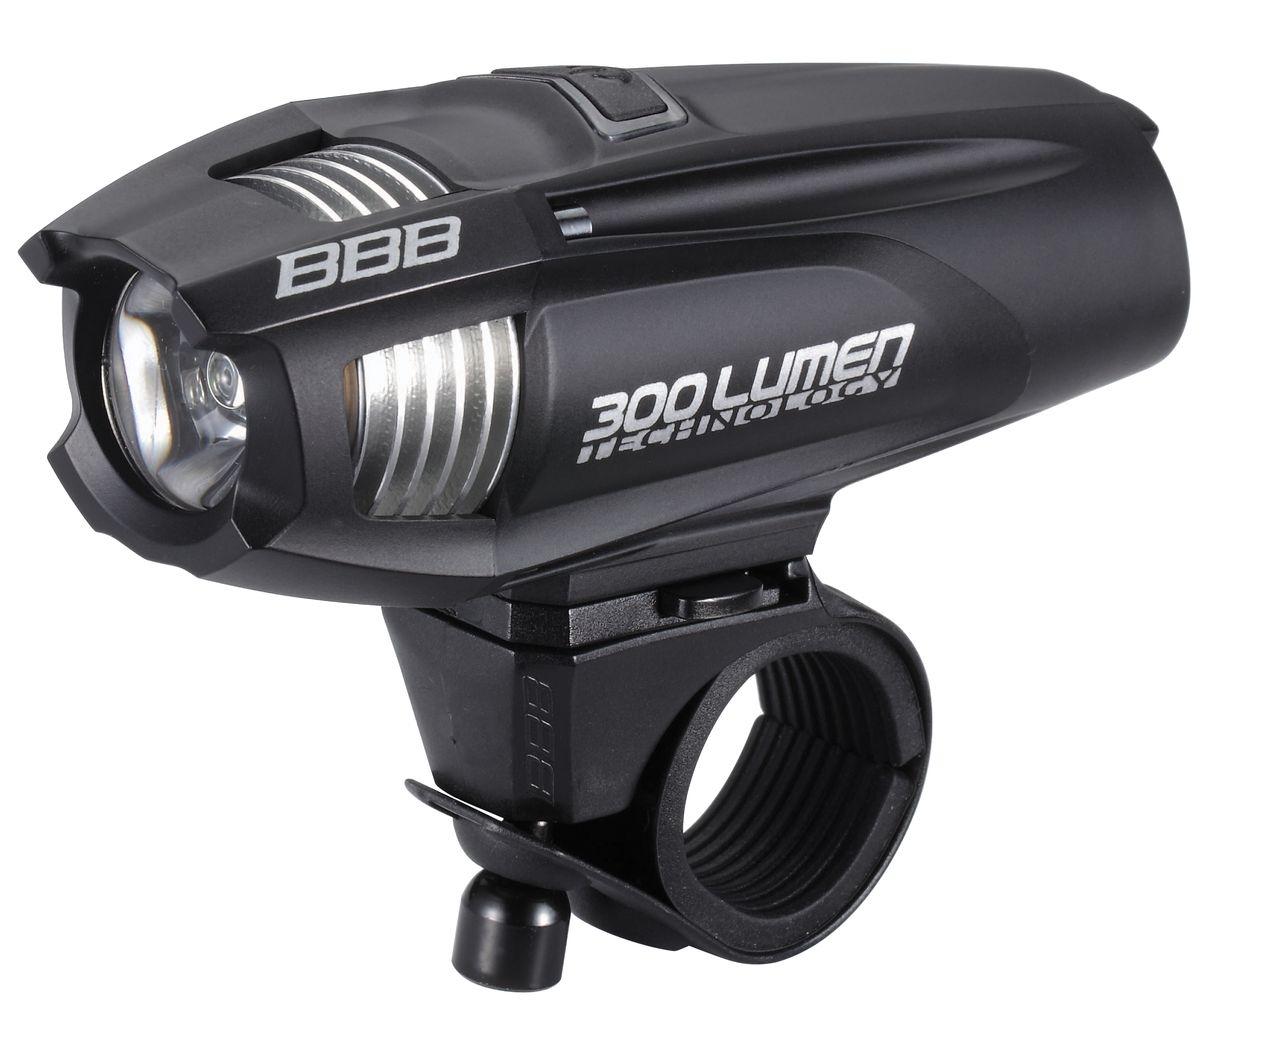 Éclairage AV BBB Strike 300 lumen LED (noir) - BLS-71